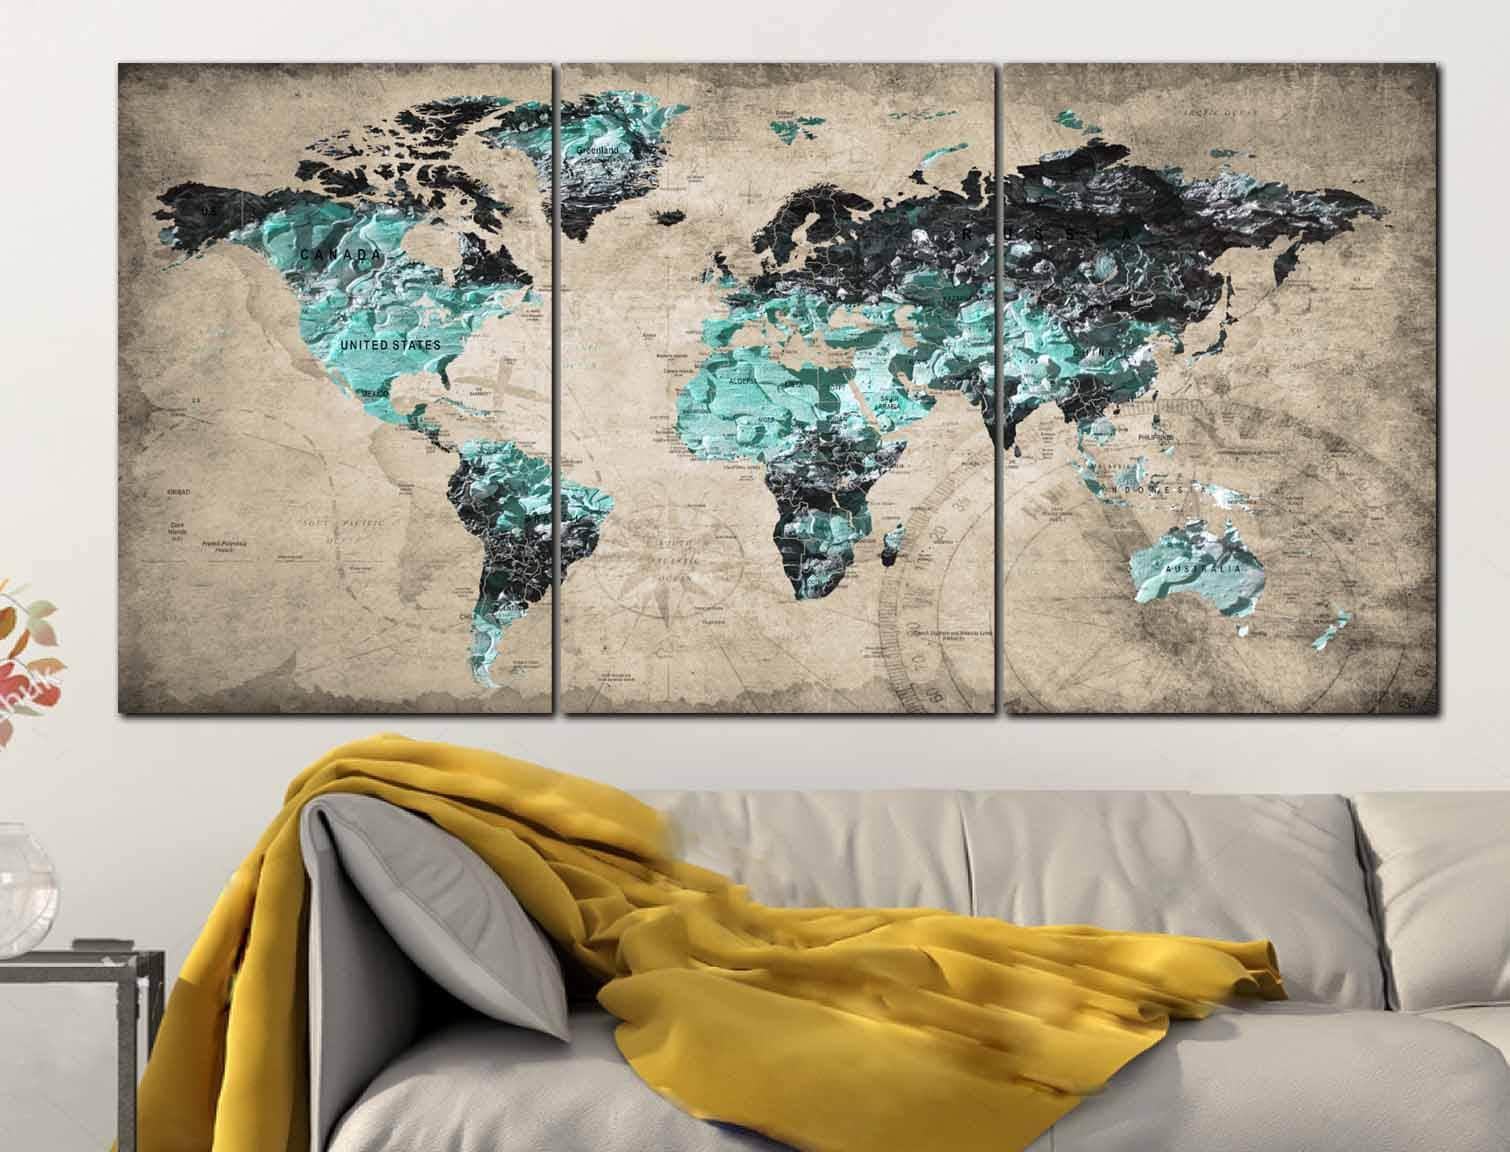 Textured World MapTextured Map ArtWorld Map Wall ArtWorld Map - Old world map wall art in blue